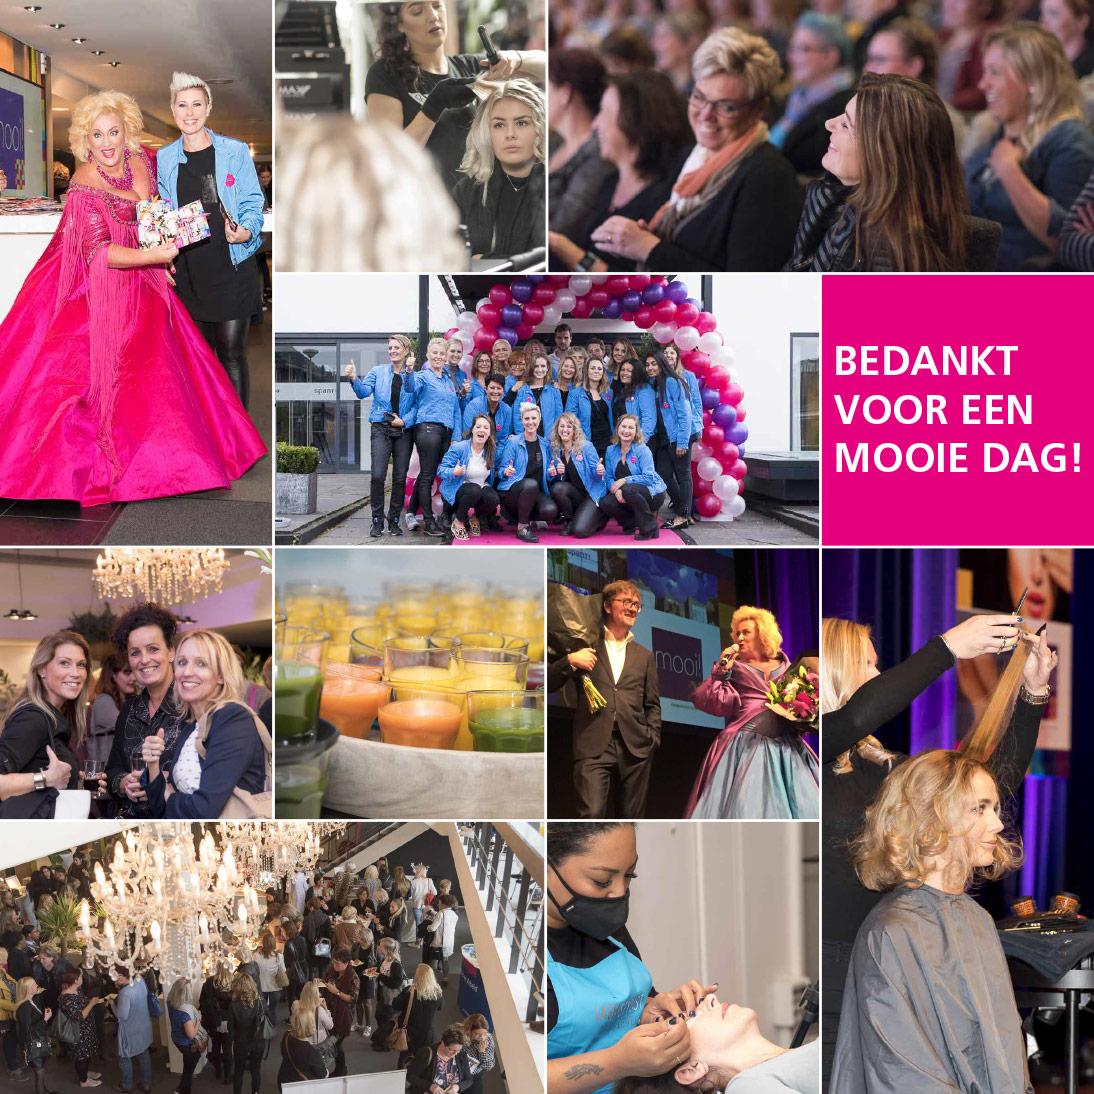 communicatie en fotografie evenement FNV MOOIDag 2017 compilatie foto's